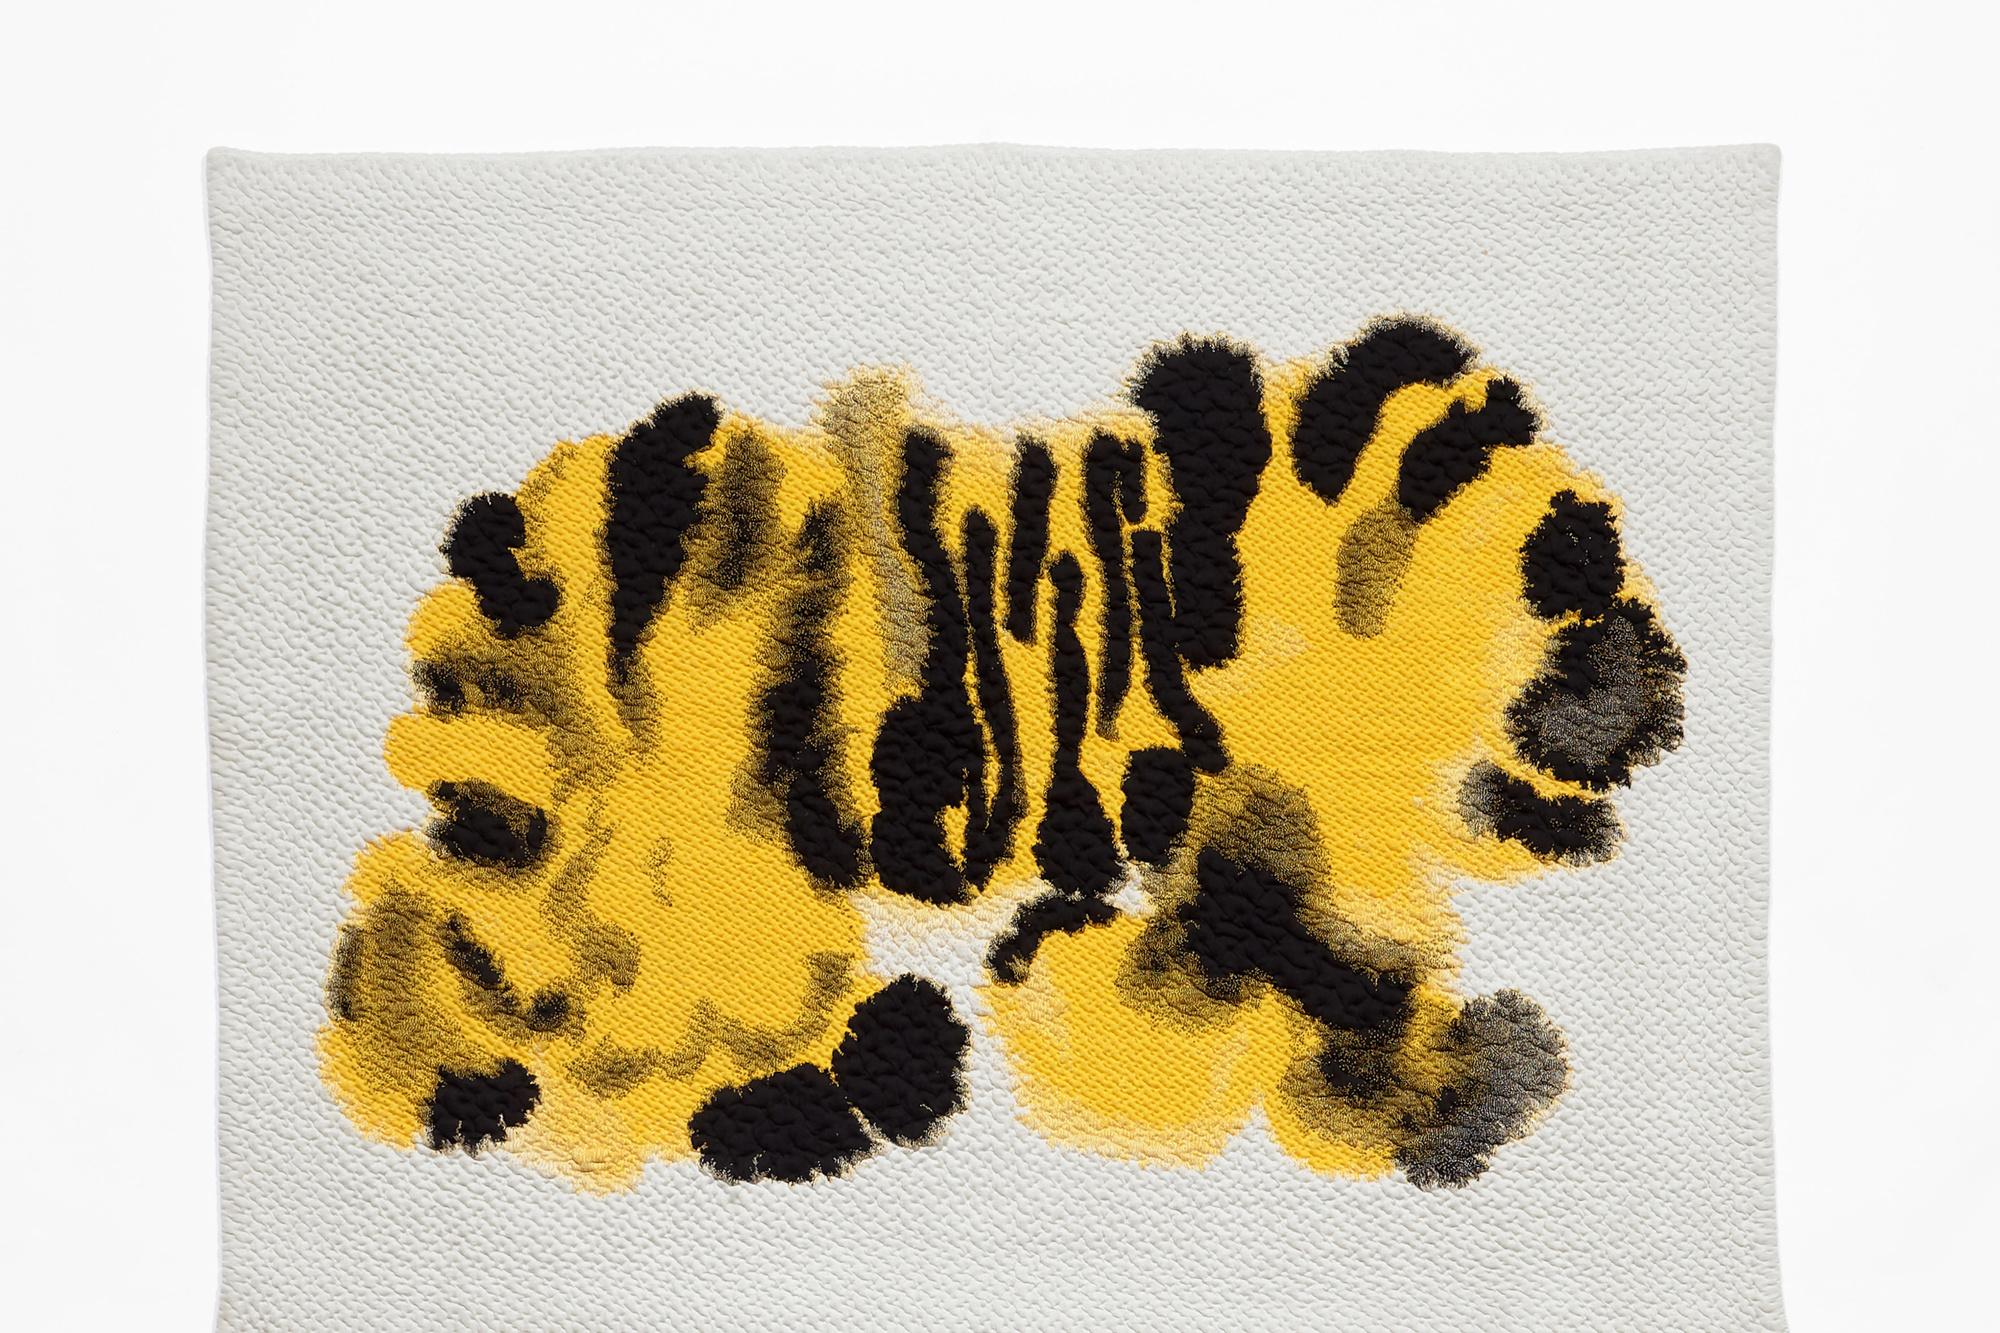 Een plaid met de typische tijgerprint van Rop Van Mierlo, Rop Van Mierlo